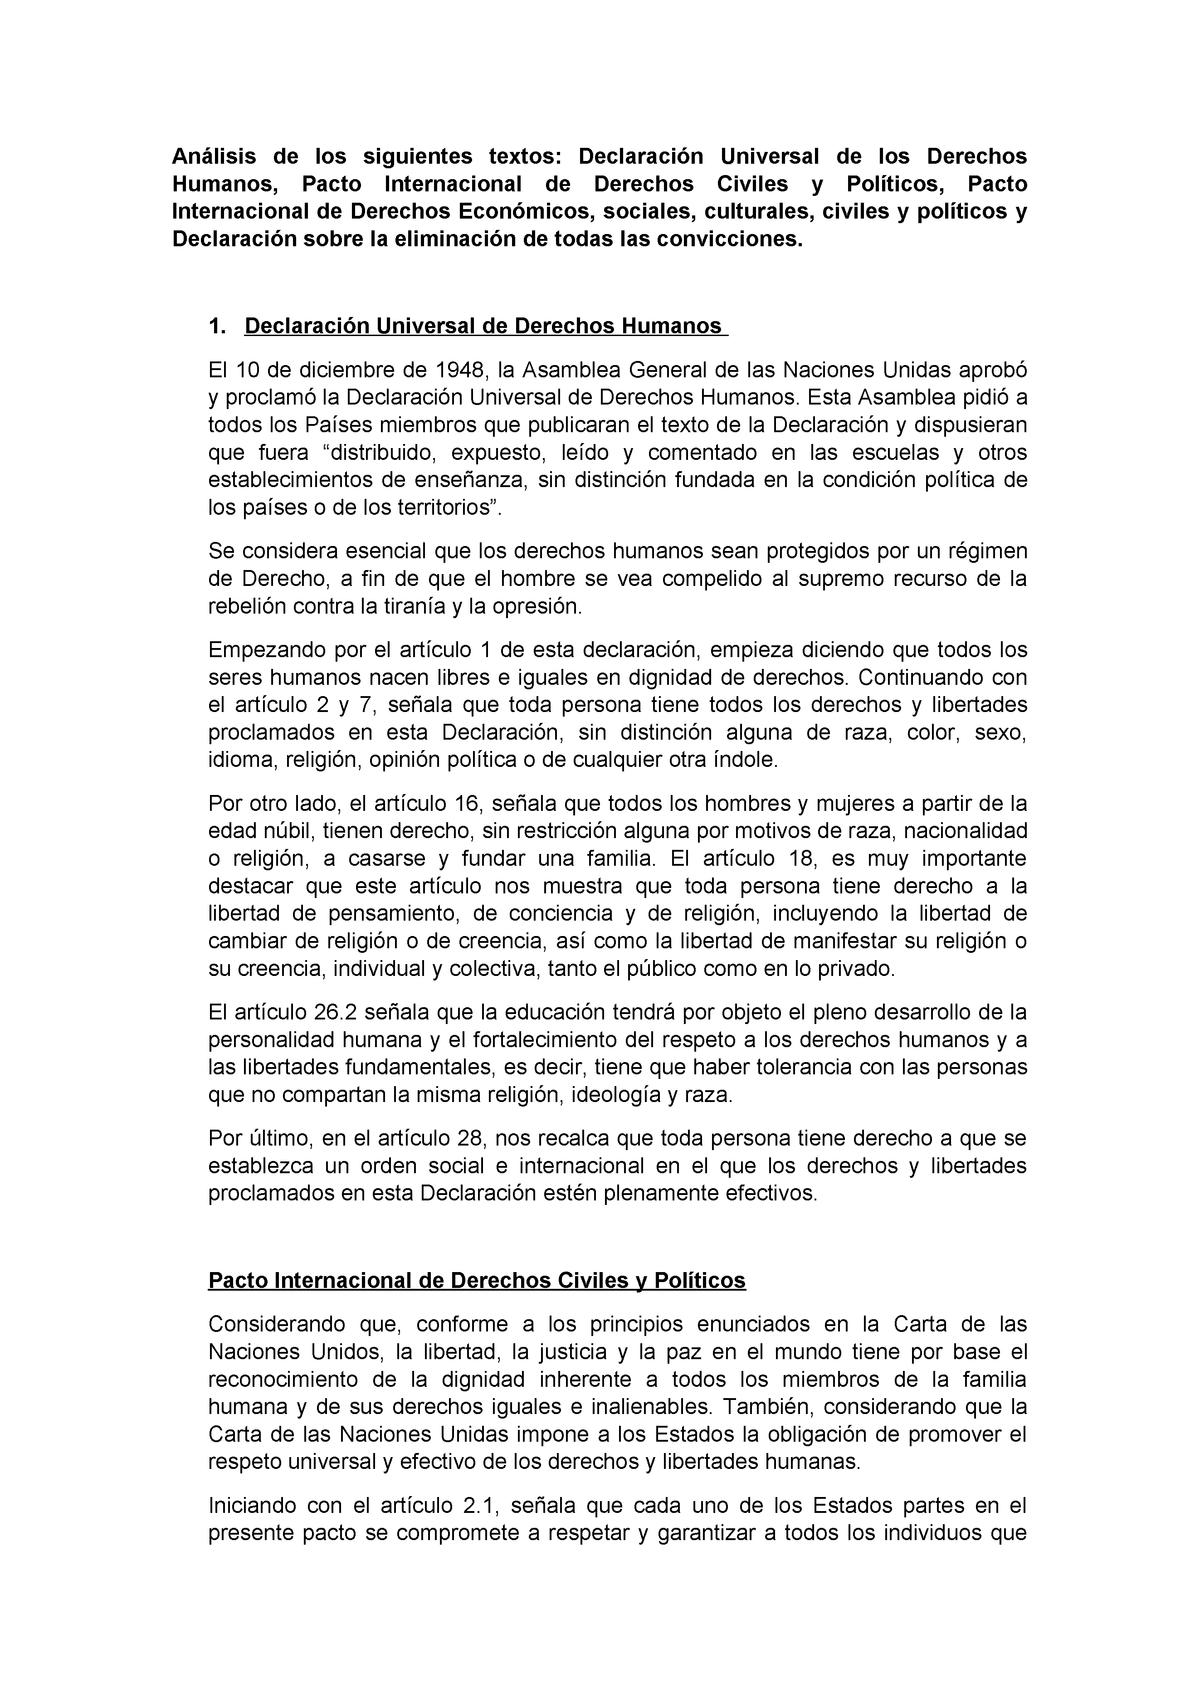 Analisis De Los Siguientes Textos 803387 Derecho Eclesiastico